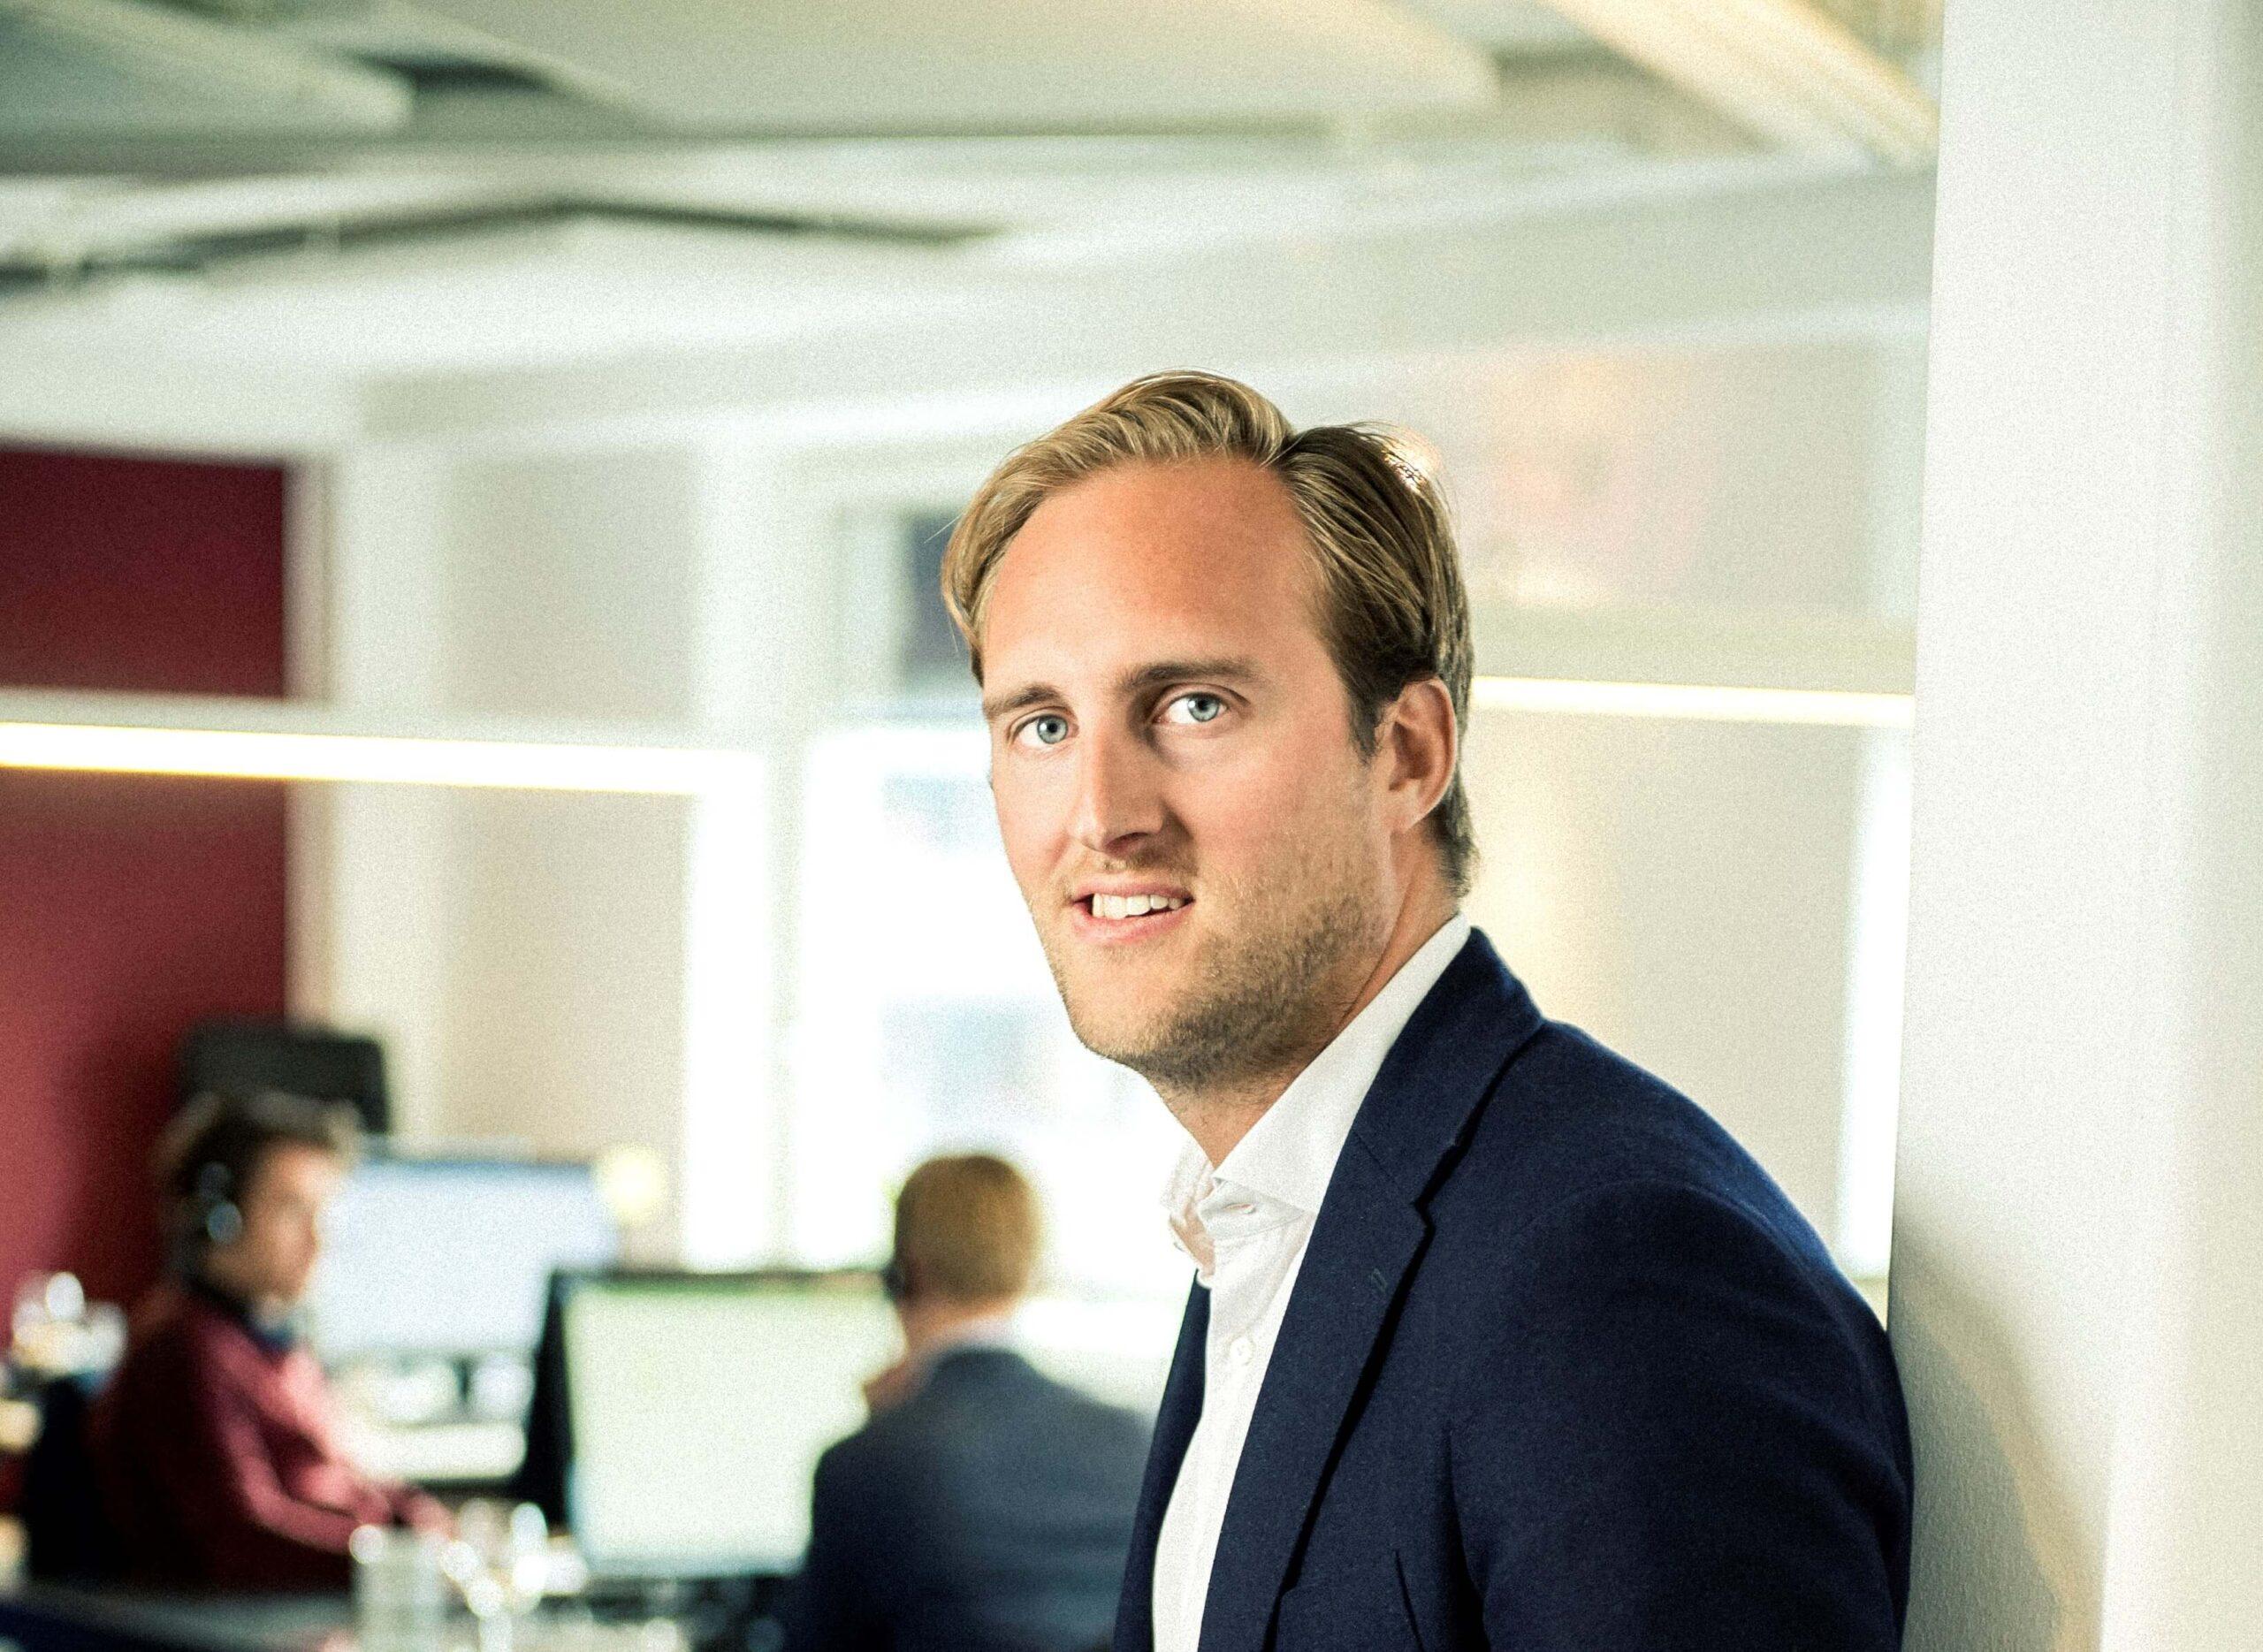 Jonas Ryberg, Vice VD på Consector, ger tips om karriär och lån.